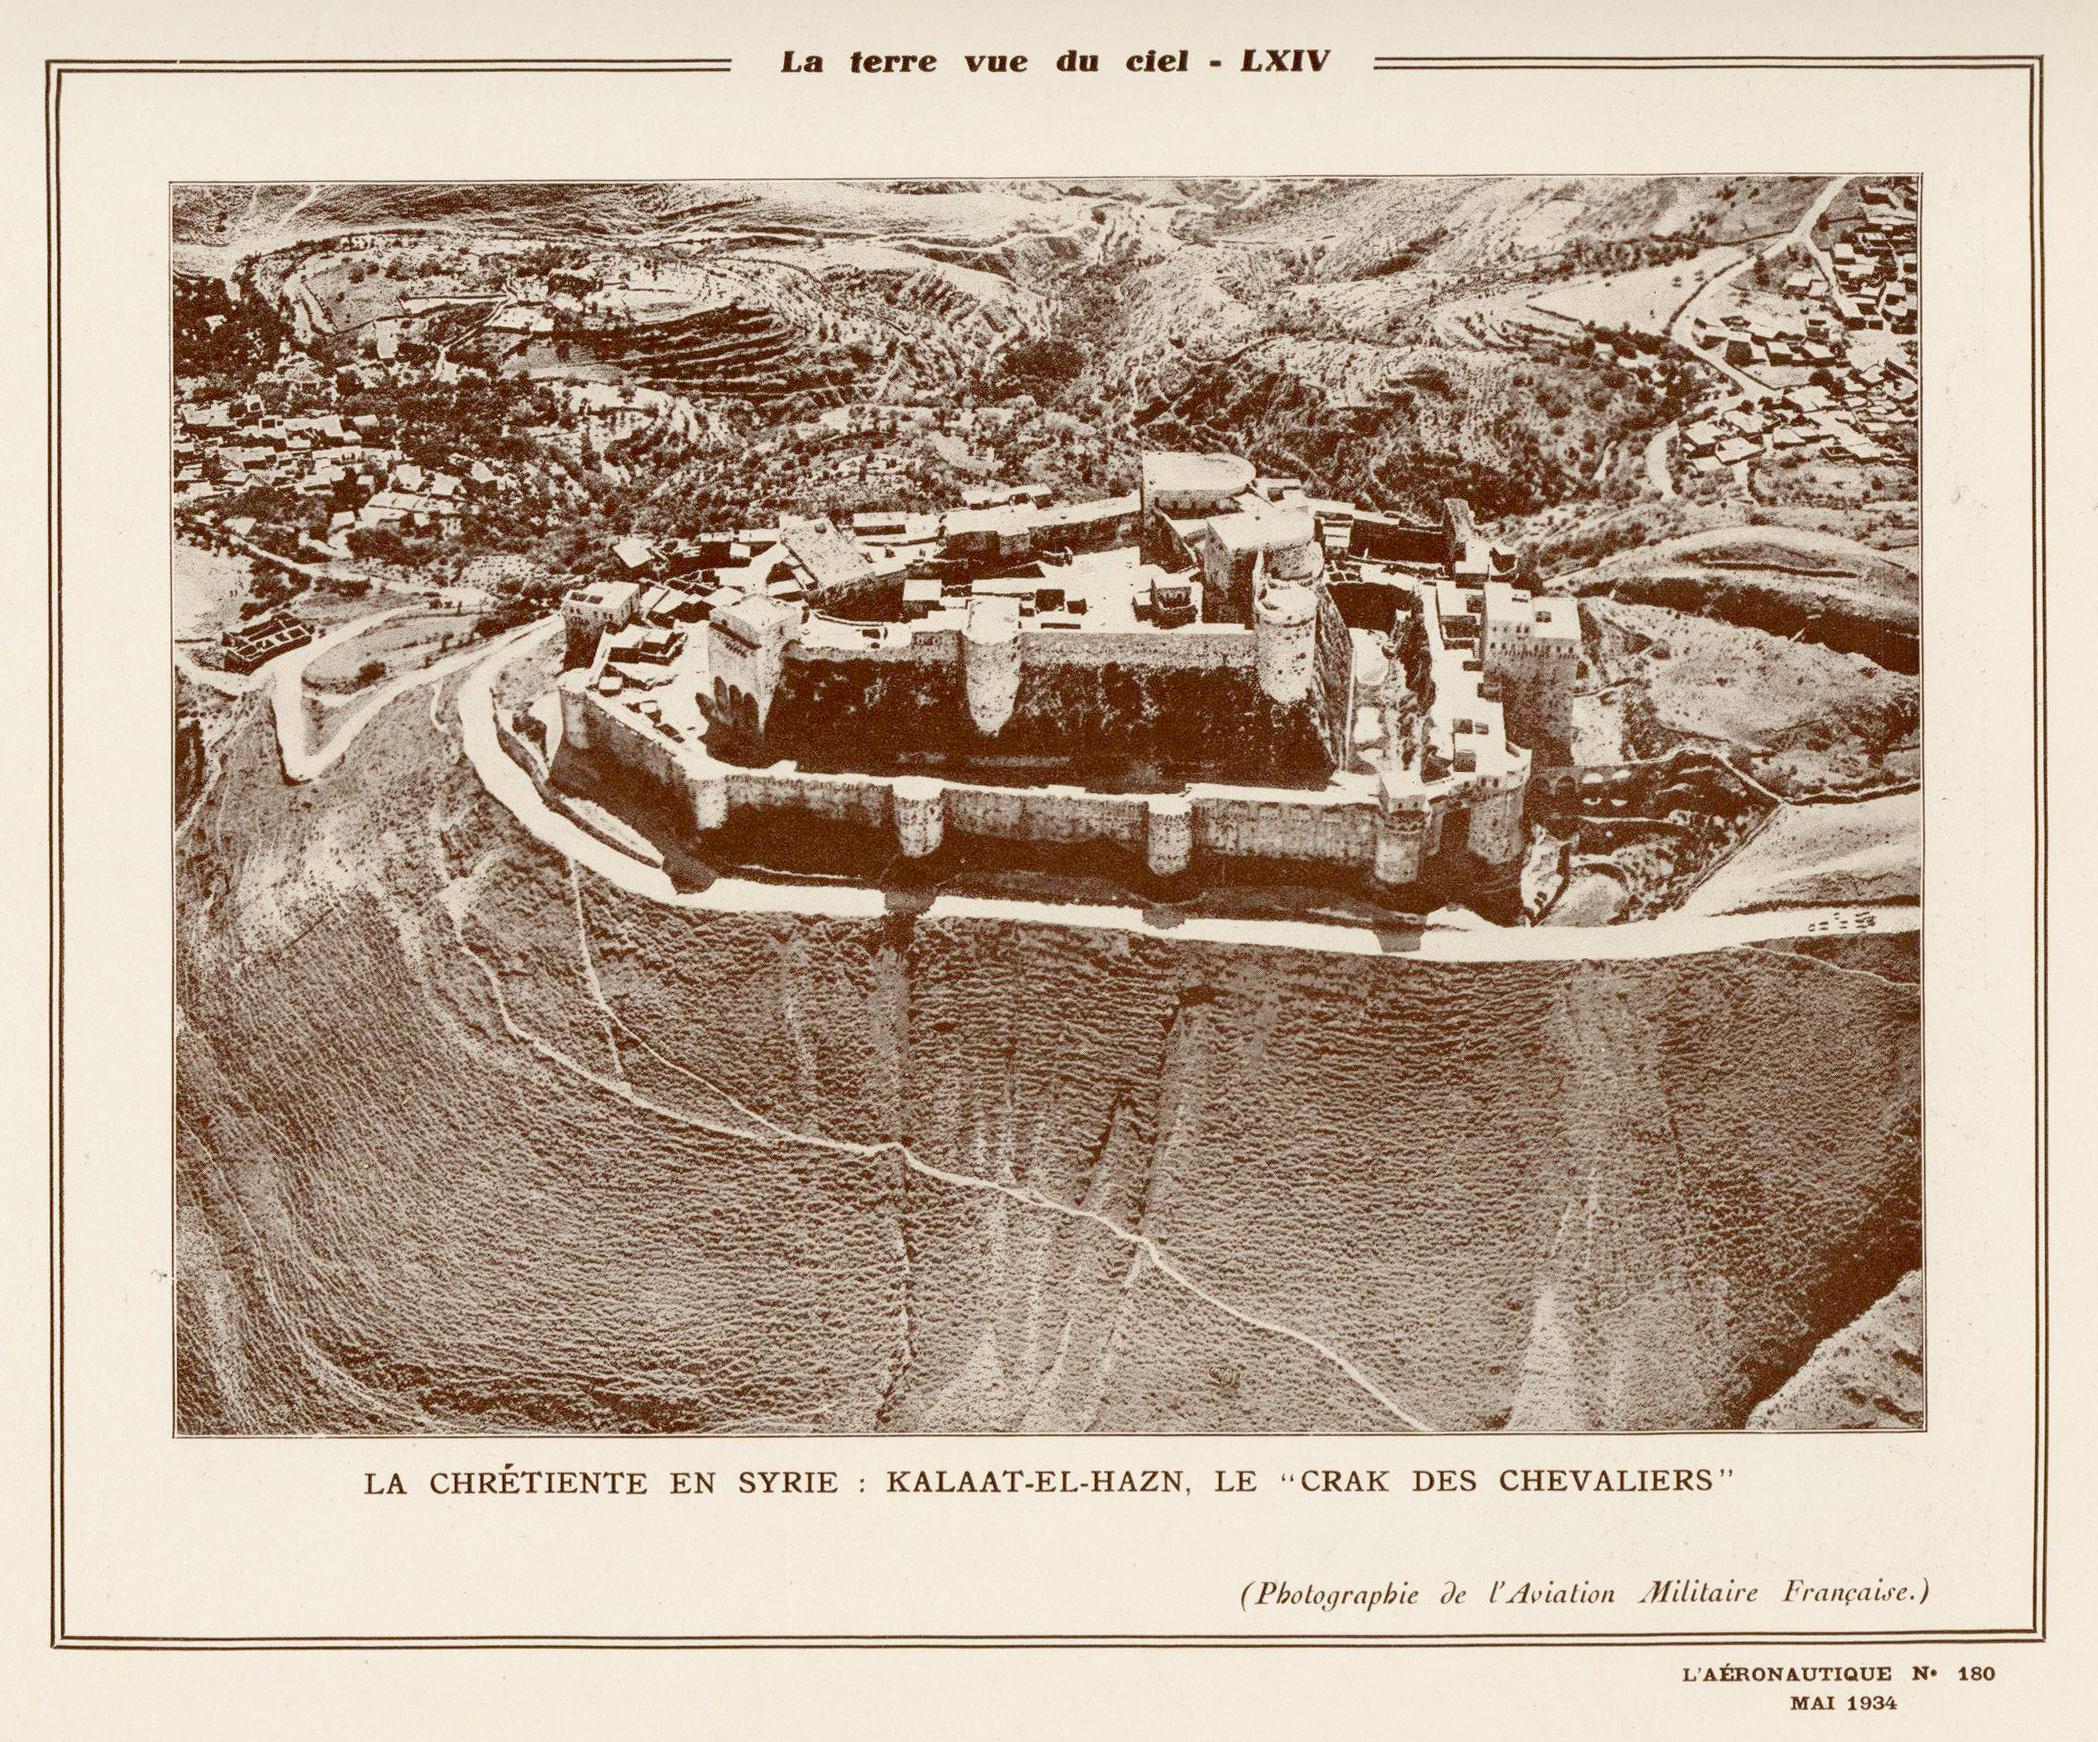 1934-may-laeronautique